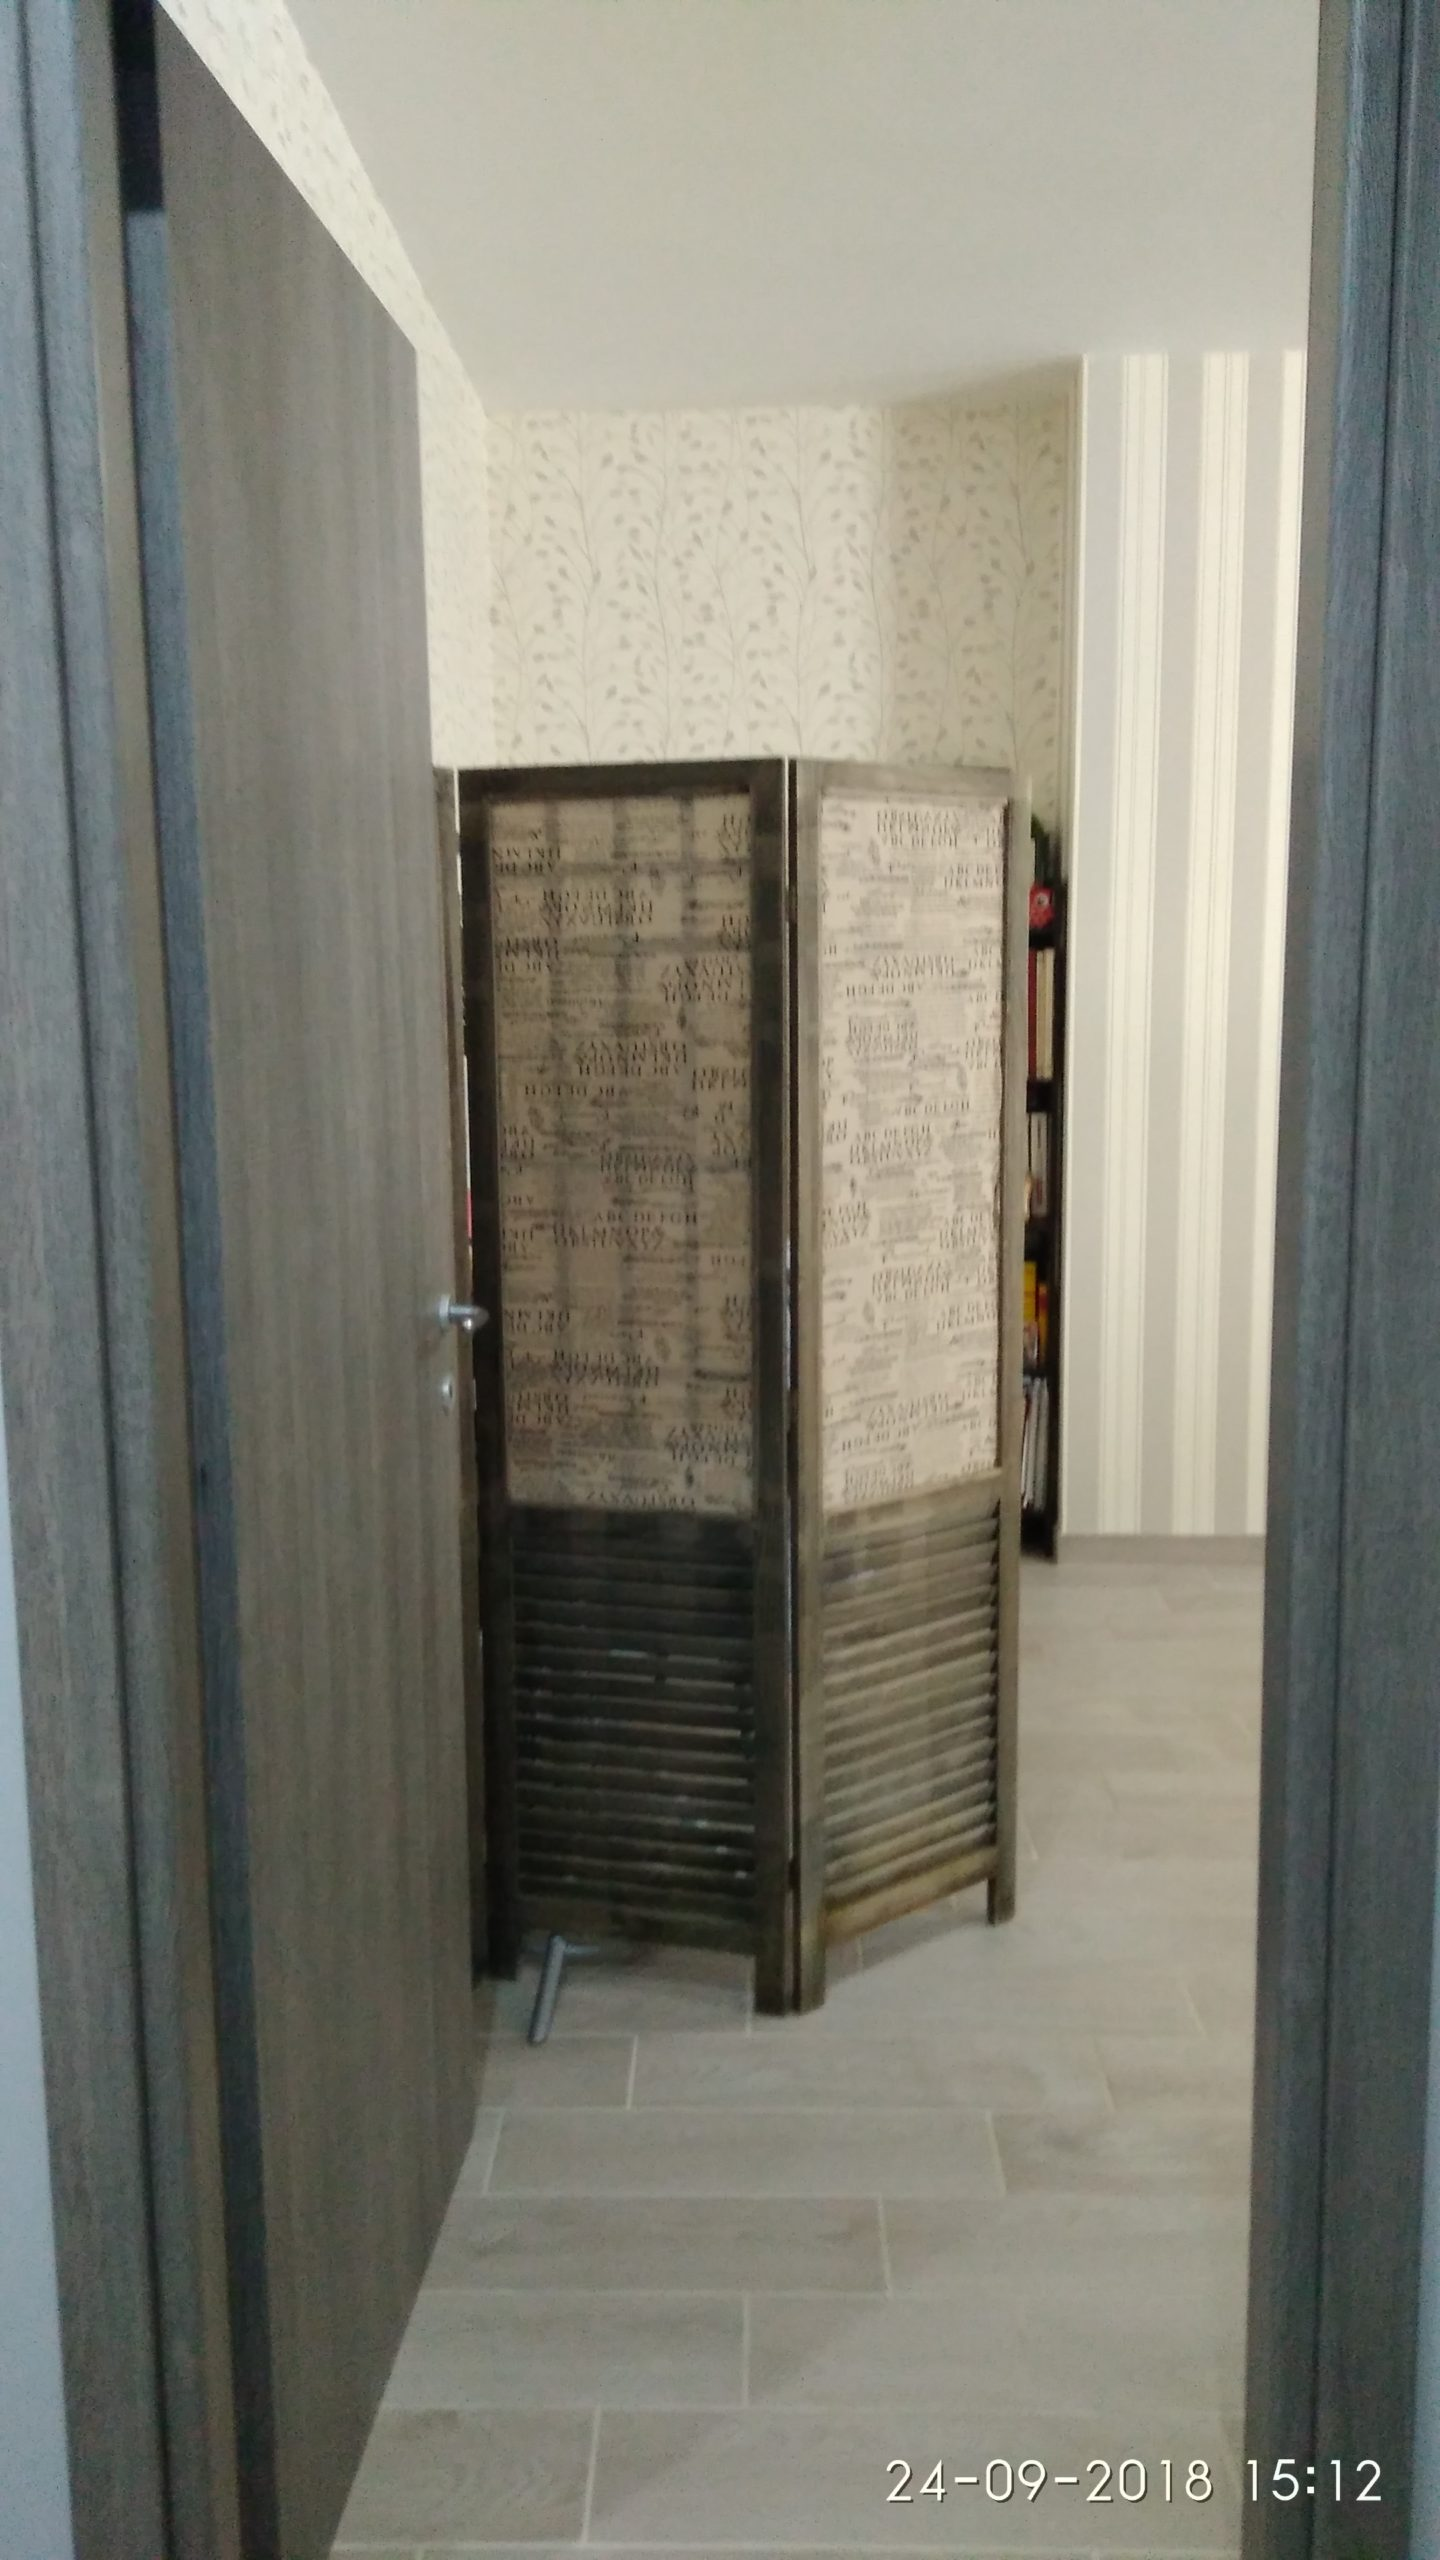 Sostituzione Porte Interne Detrazione gli infissi in legno alluminio di luigi: comfort e benessere